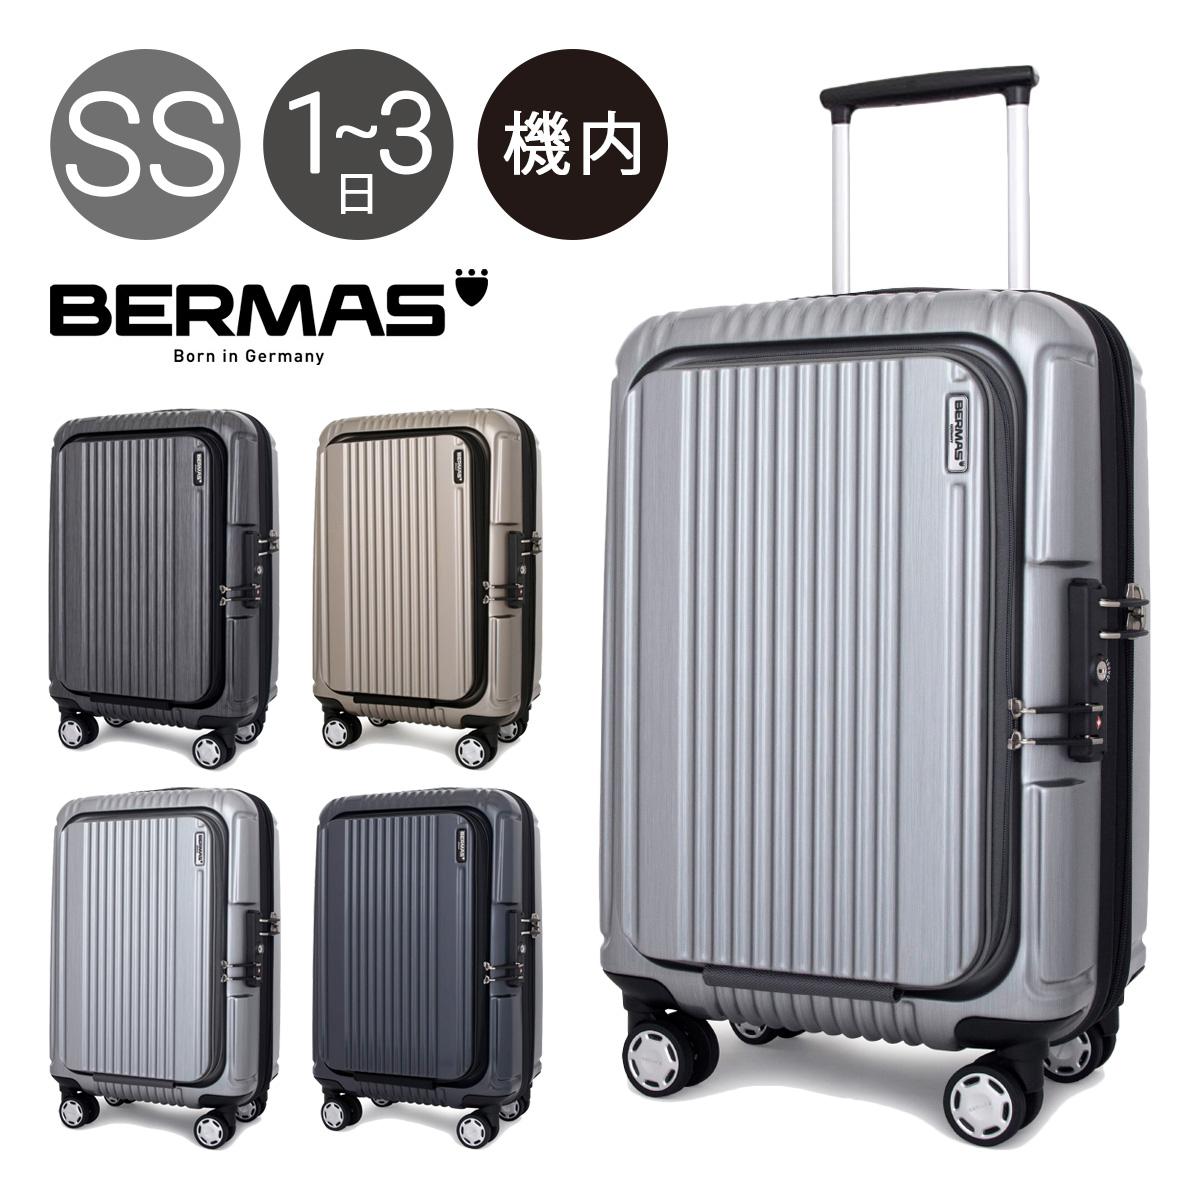 バーマス スーツケース プレステージ2 34L 49cm 2.9kg ハード ファスナー 機内持ち込み 60261 キャリーケース TSAロック搭載 フロントオープンポケット付き HINOMOTO BERMAS 【1年保証】[PO10][bef]